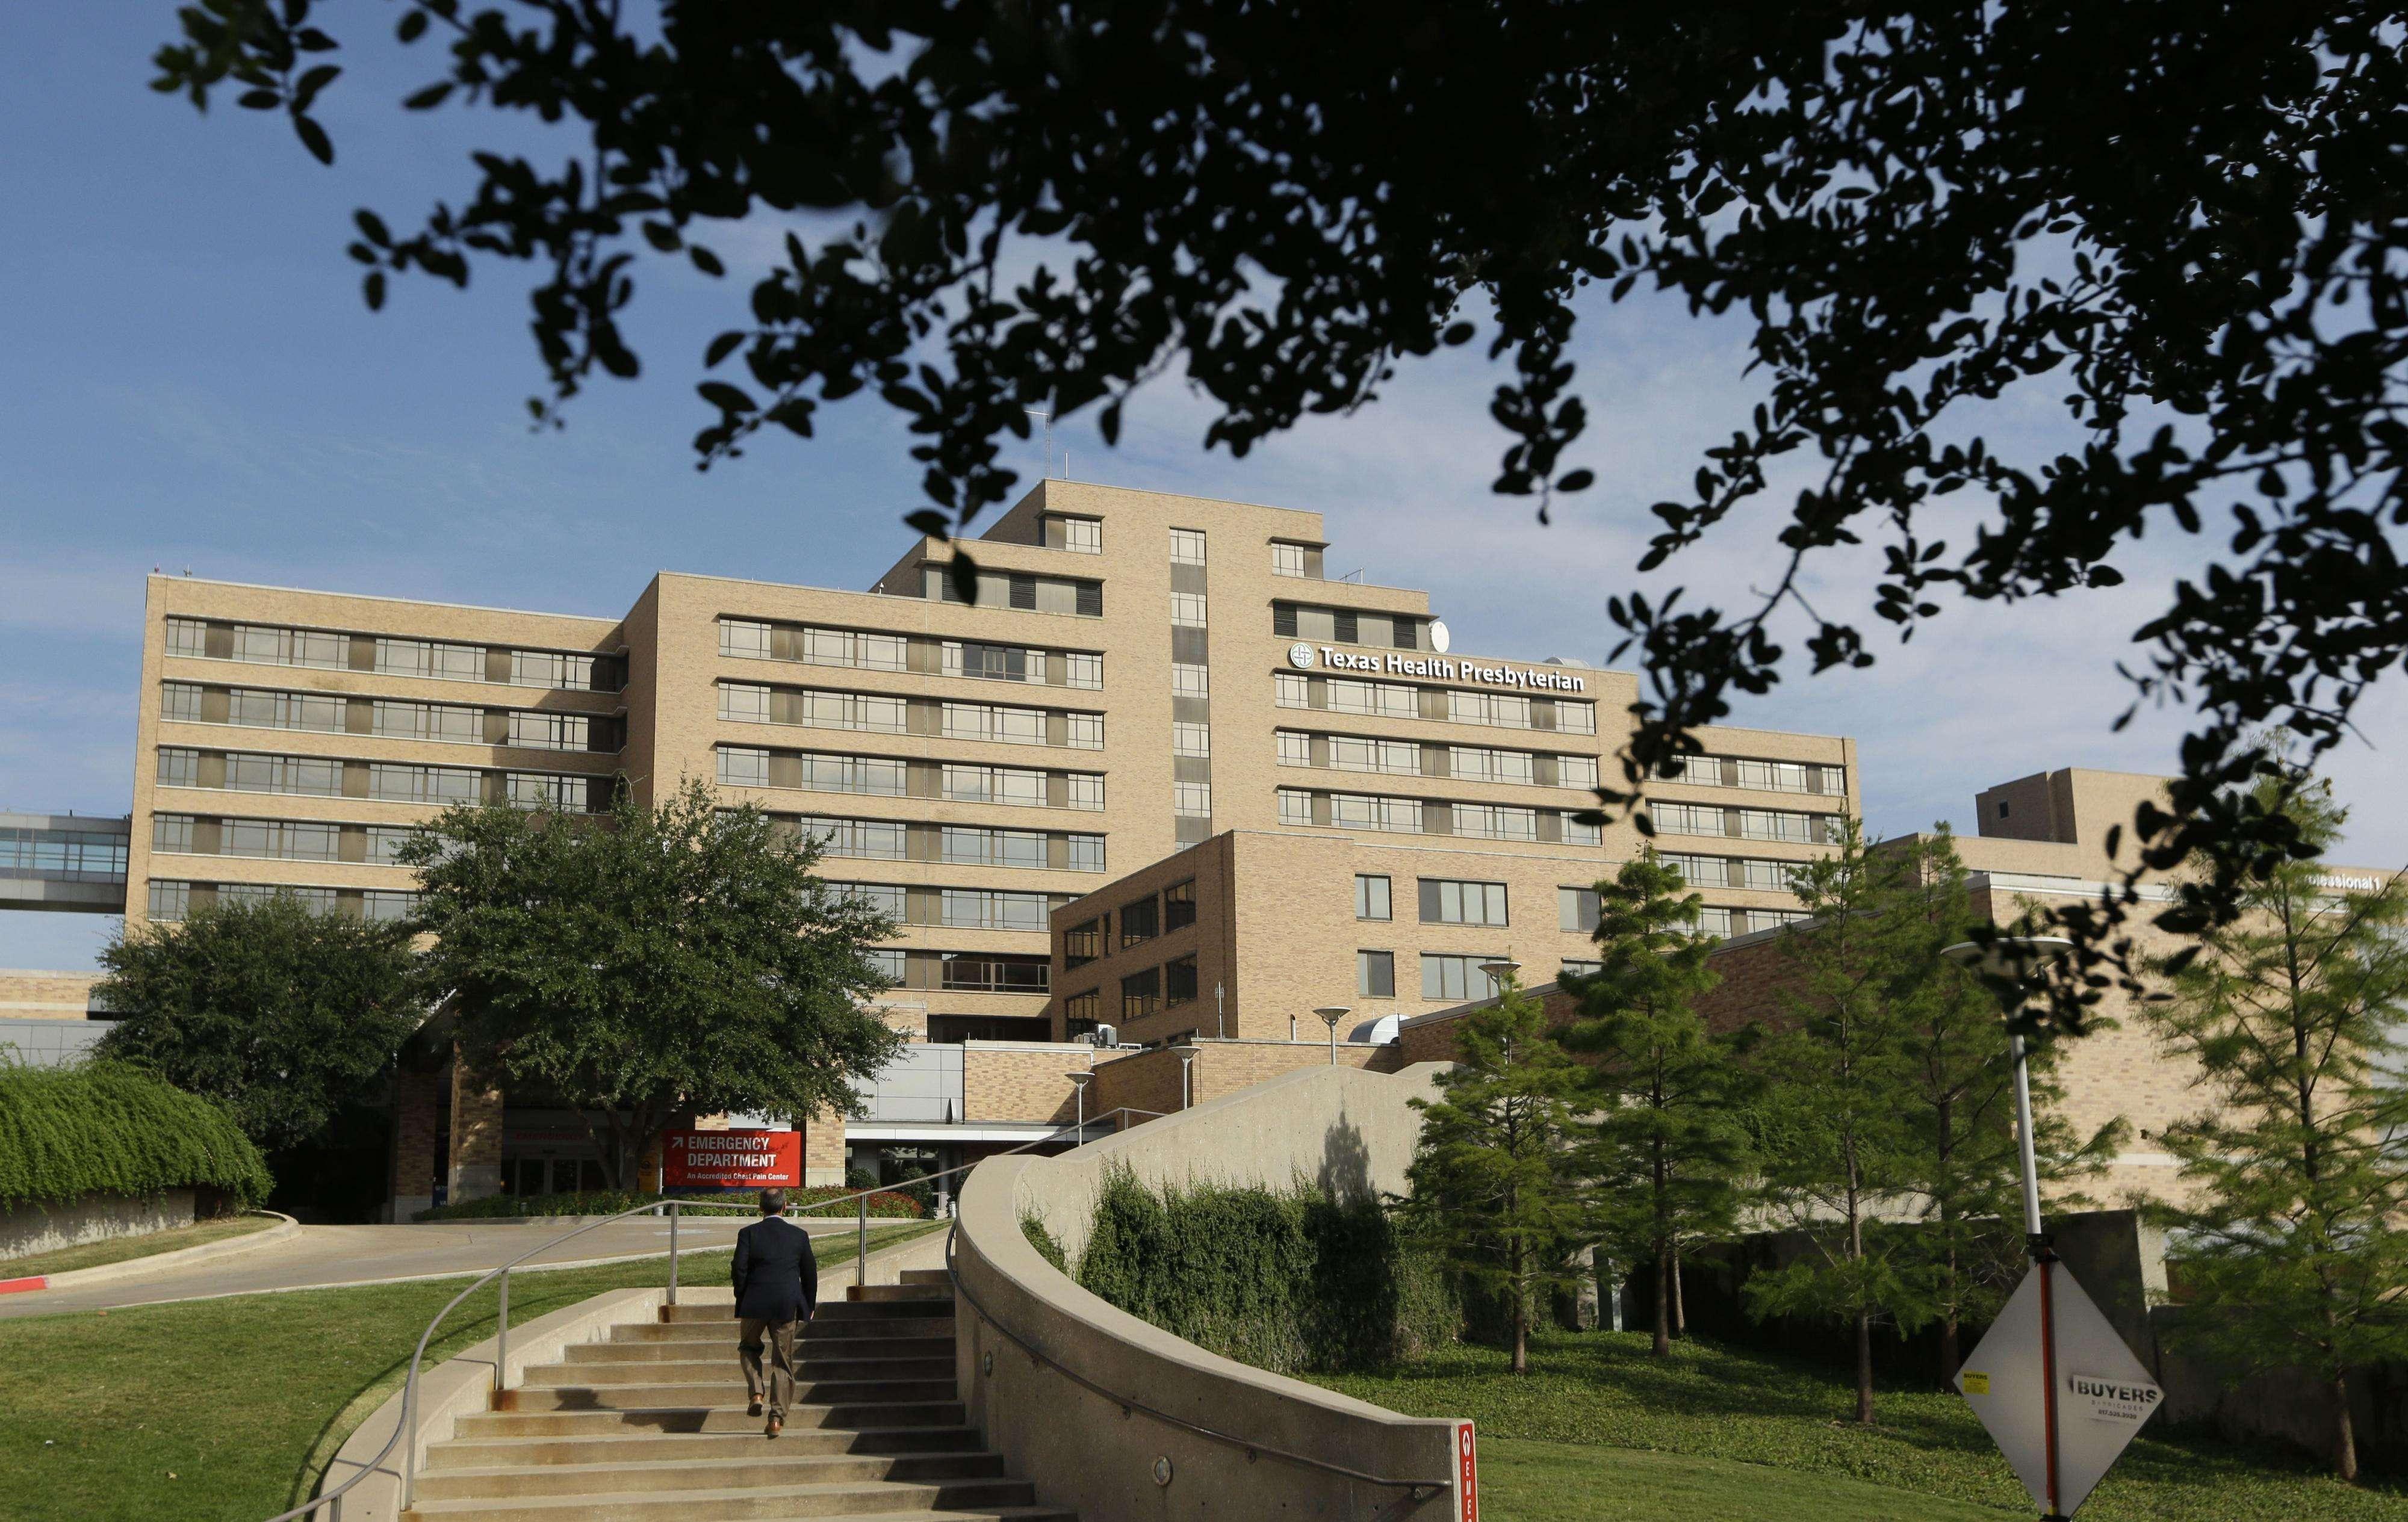 Exterior del hospital Texas Health Presbyterian en Dallas, en foto de archivo del 30 de septiembre de 2014. Foto: AP en español